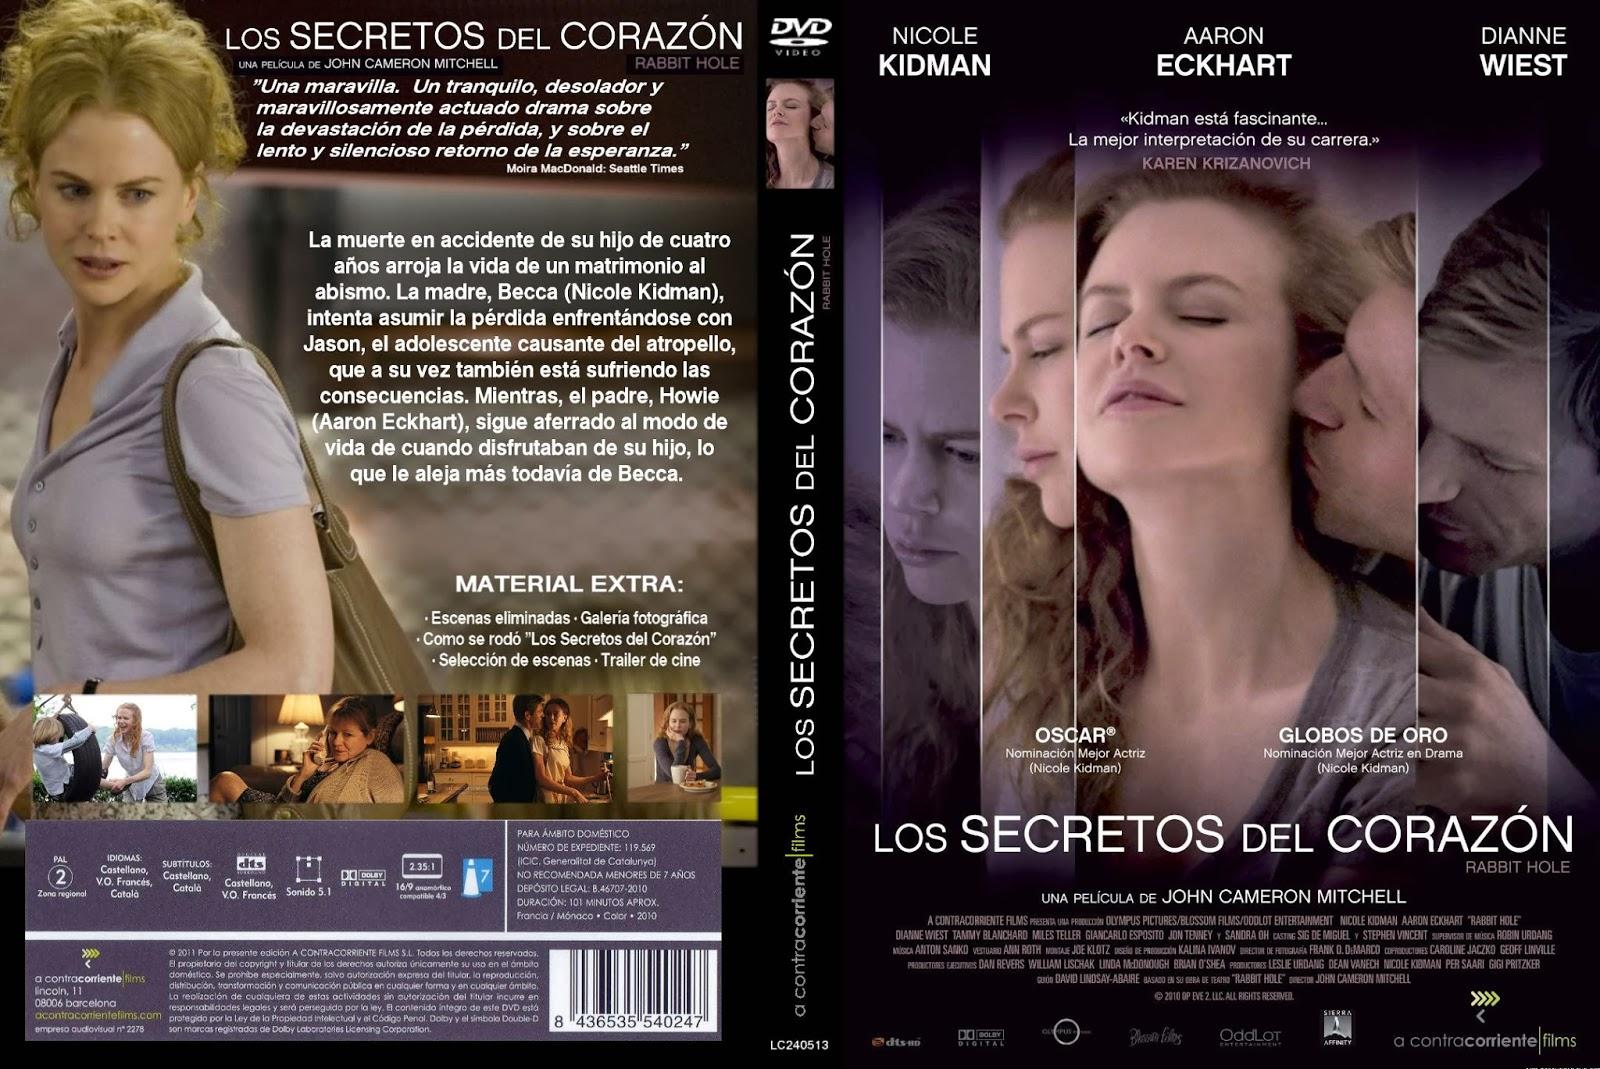 Los Secretos Del Corazon DVD